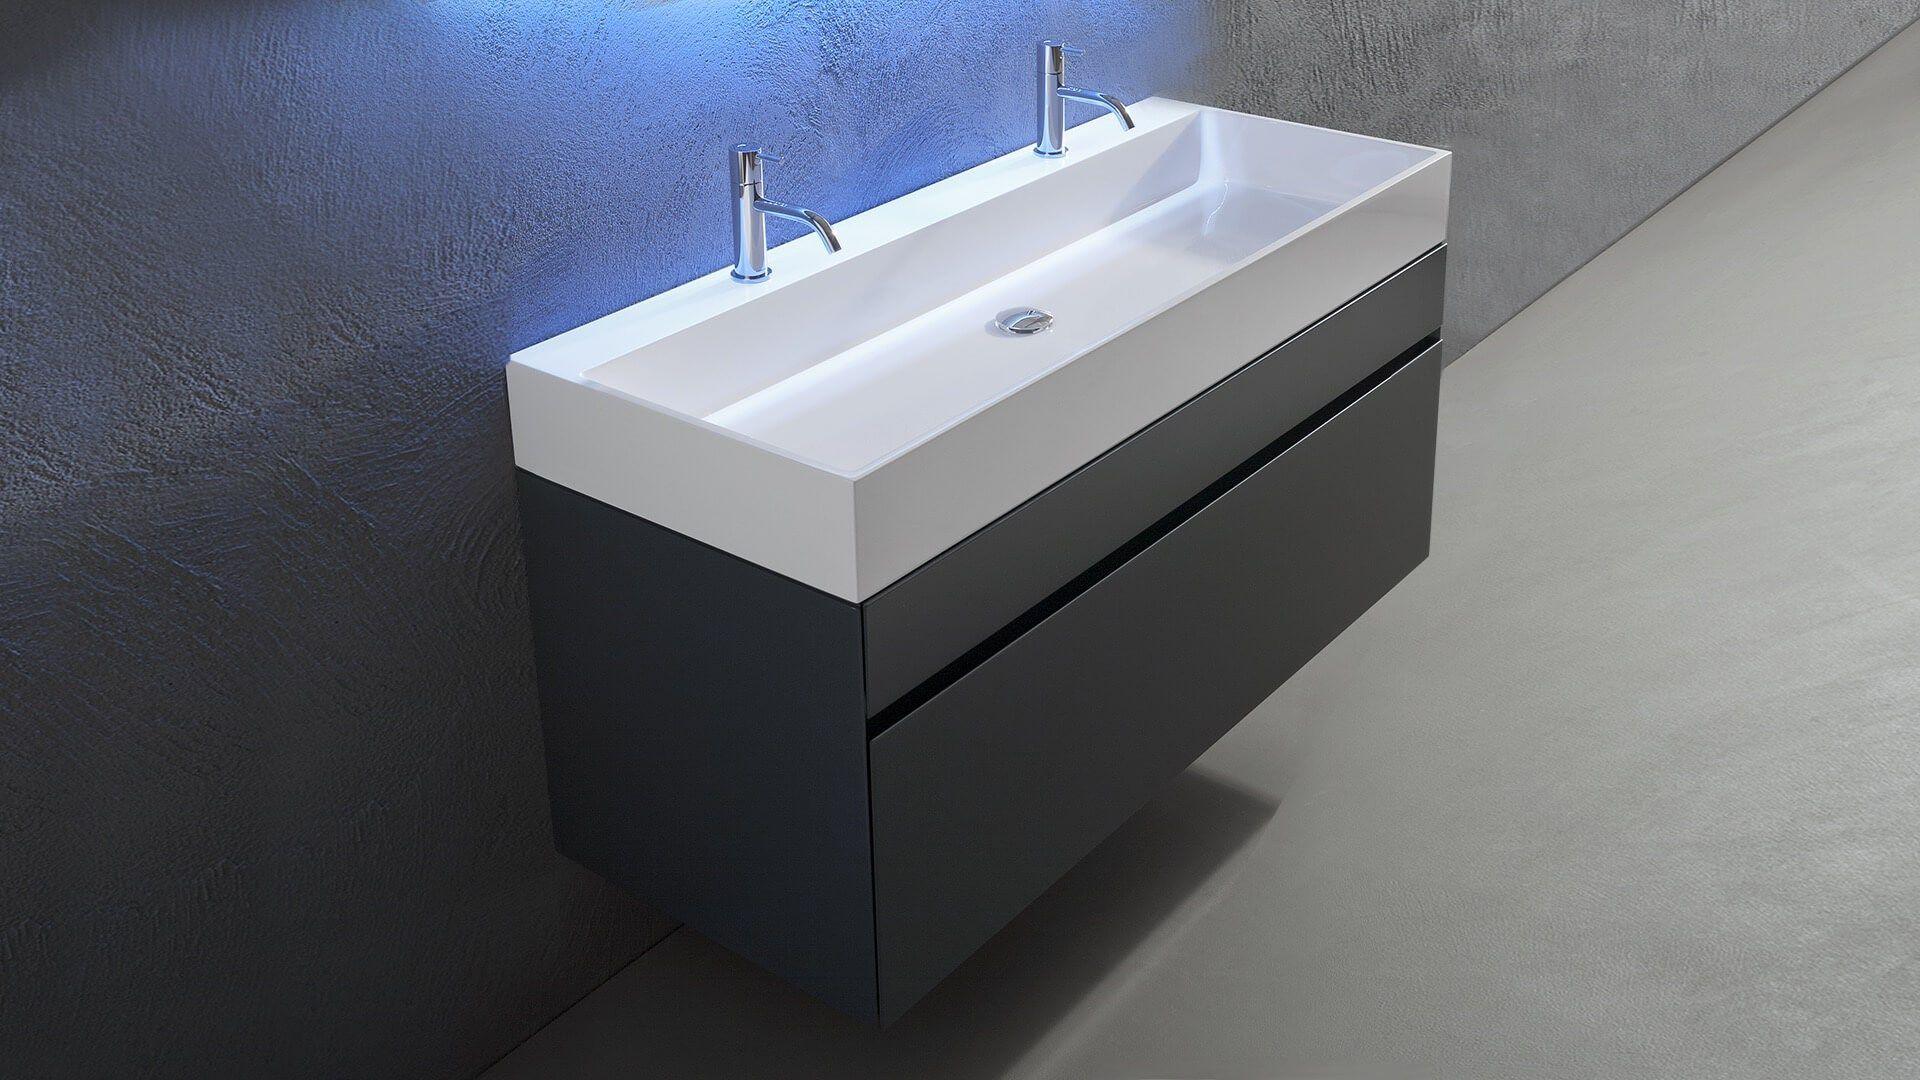 gesto lavabo by antonio lupi design design nevio tellatin. Black Bedroom Furniture Sets. Home Design Ideas